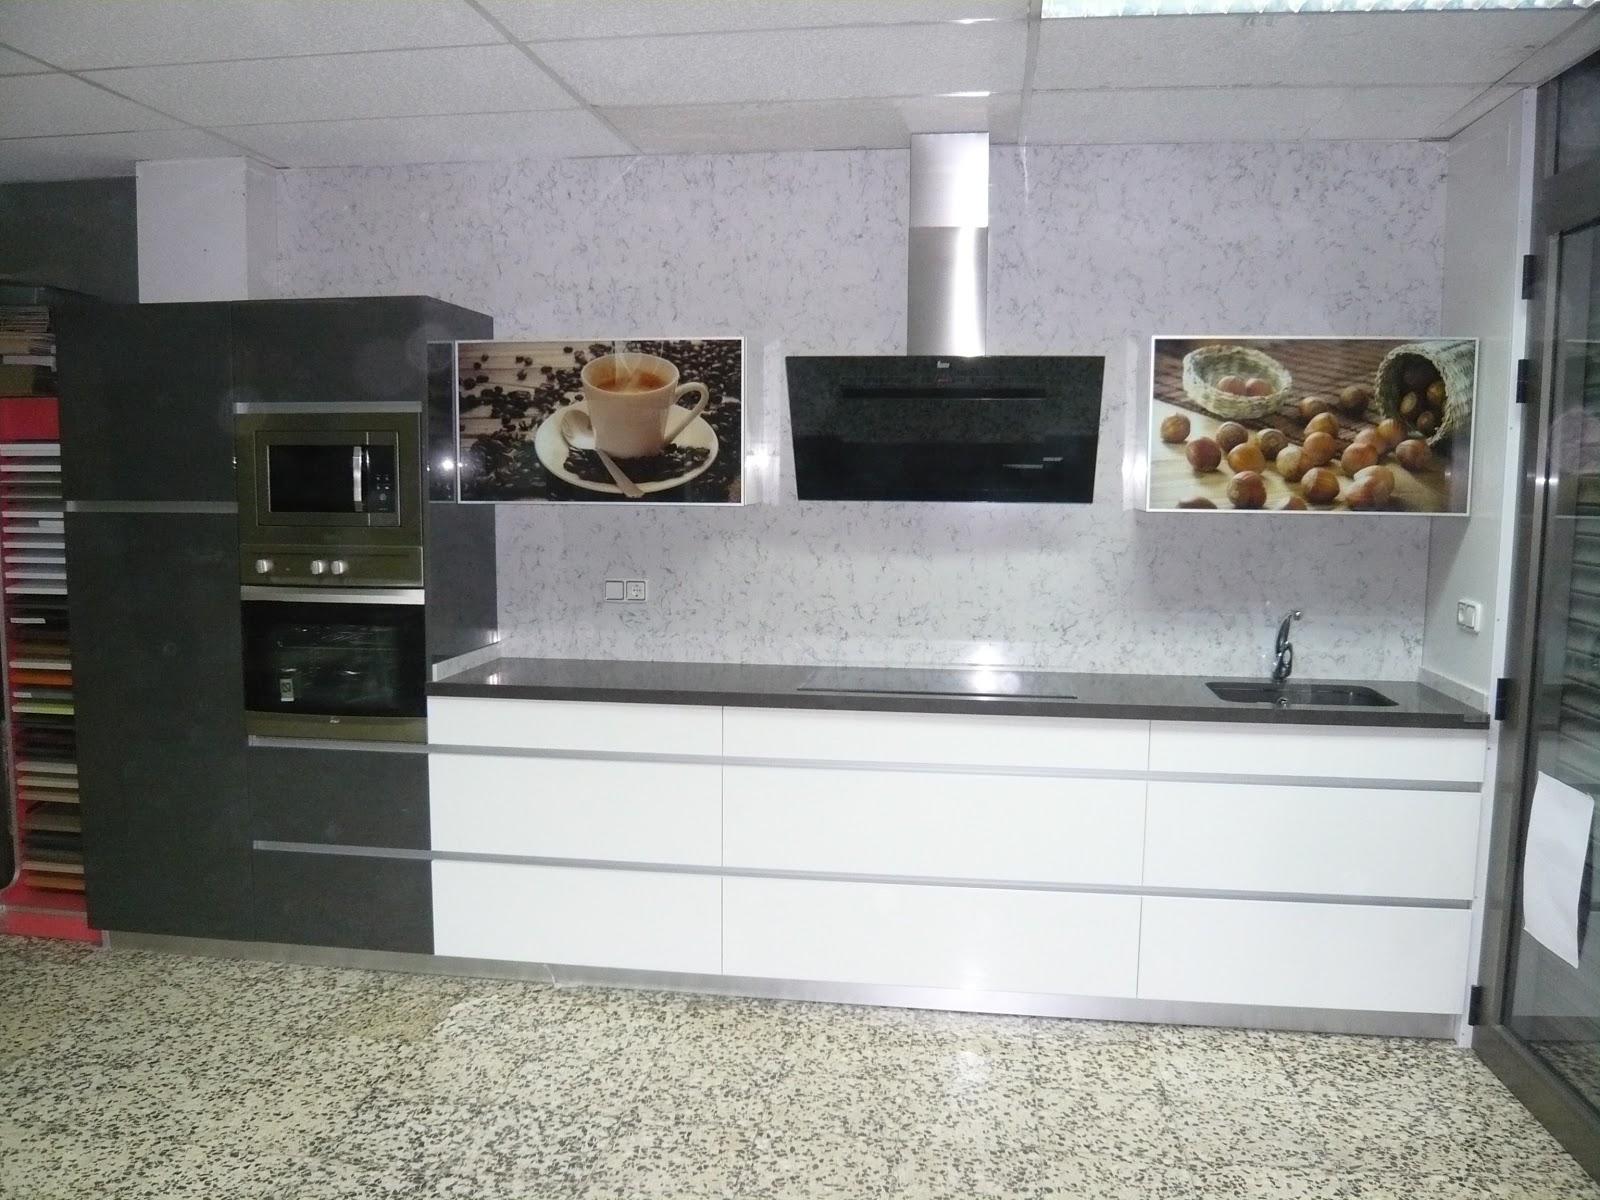 Reuscuina cocina de exposicion sin tiradores - Cocina sin tiradores ...